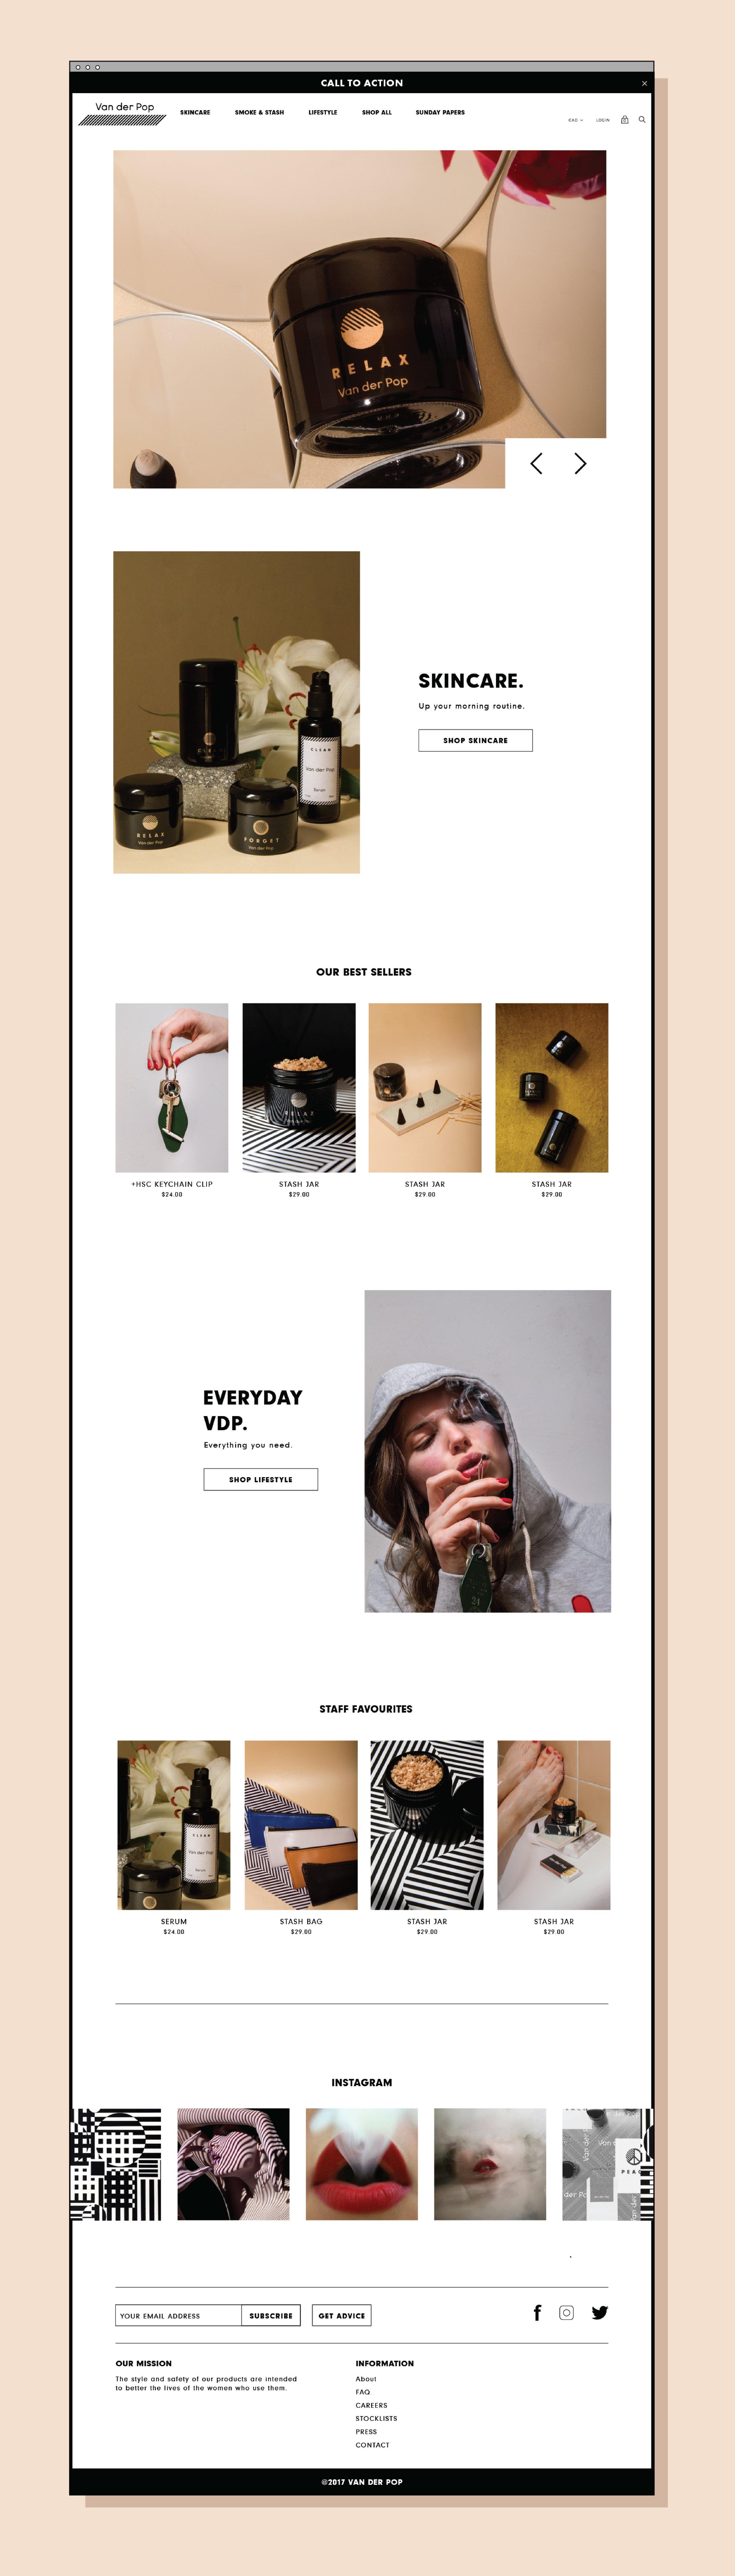 vanderpop_homepage-04.jpg